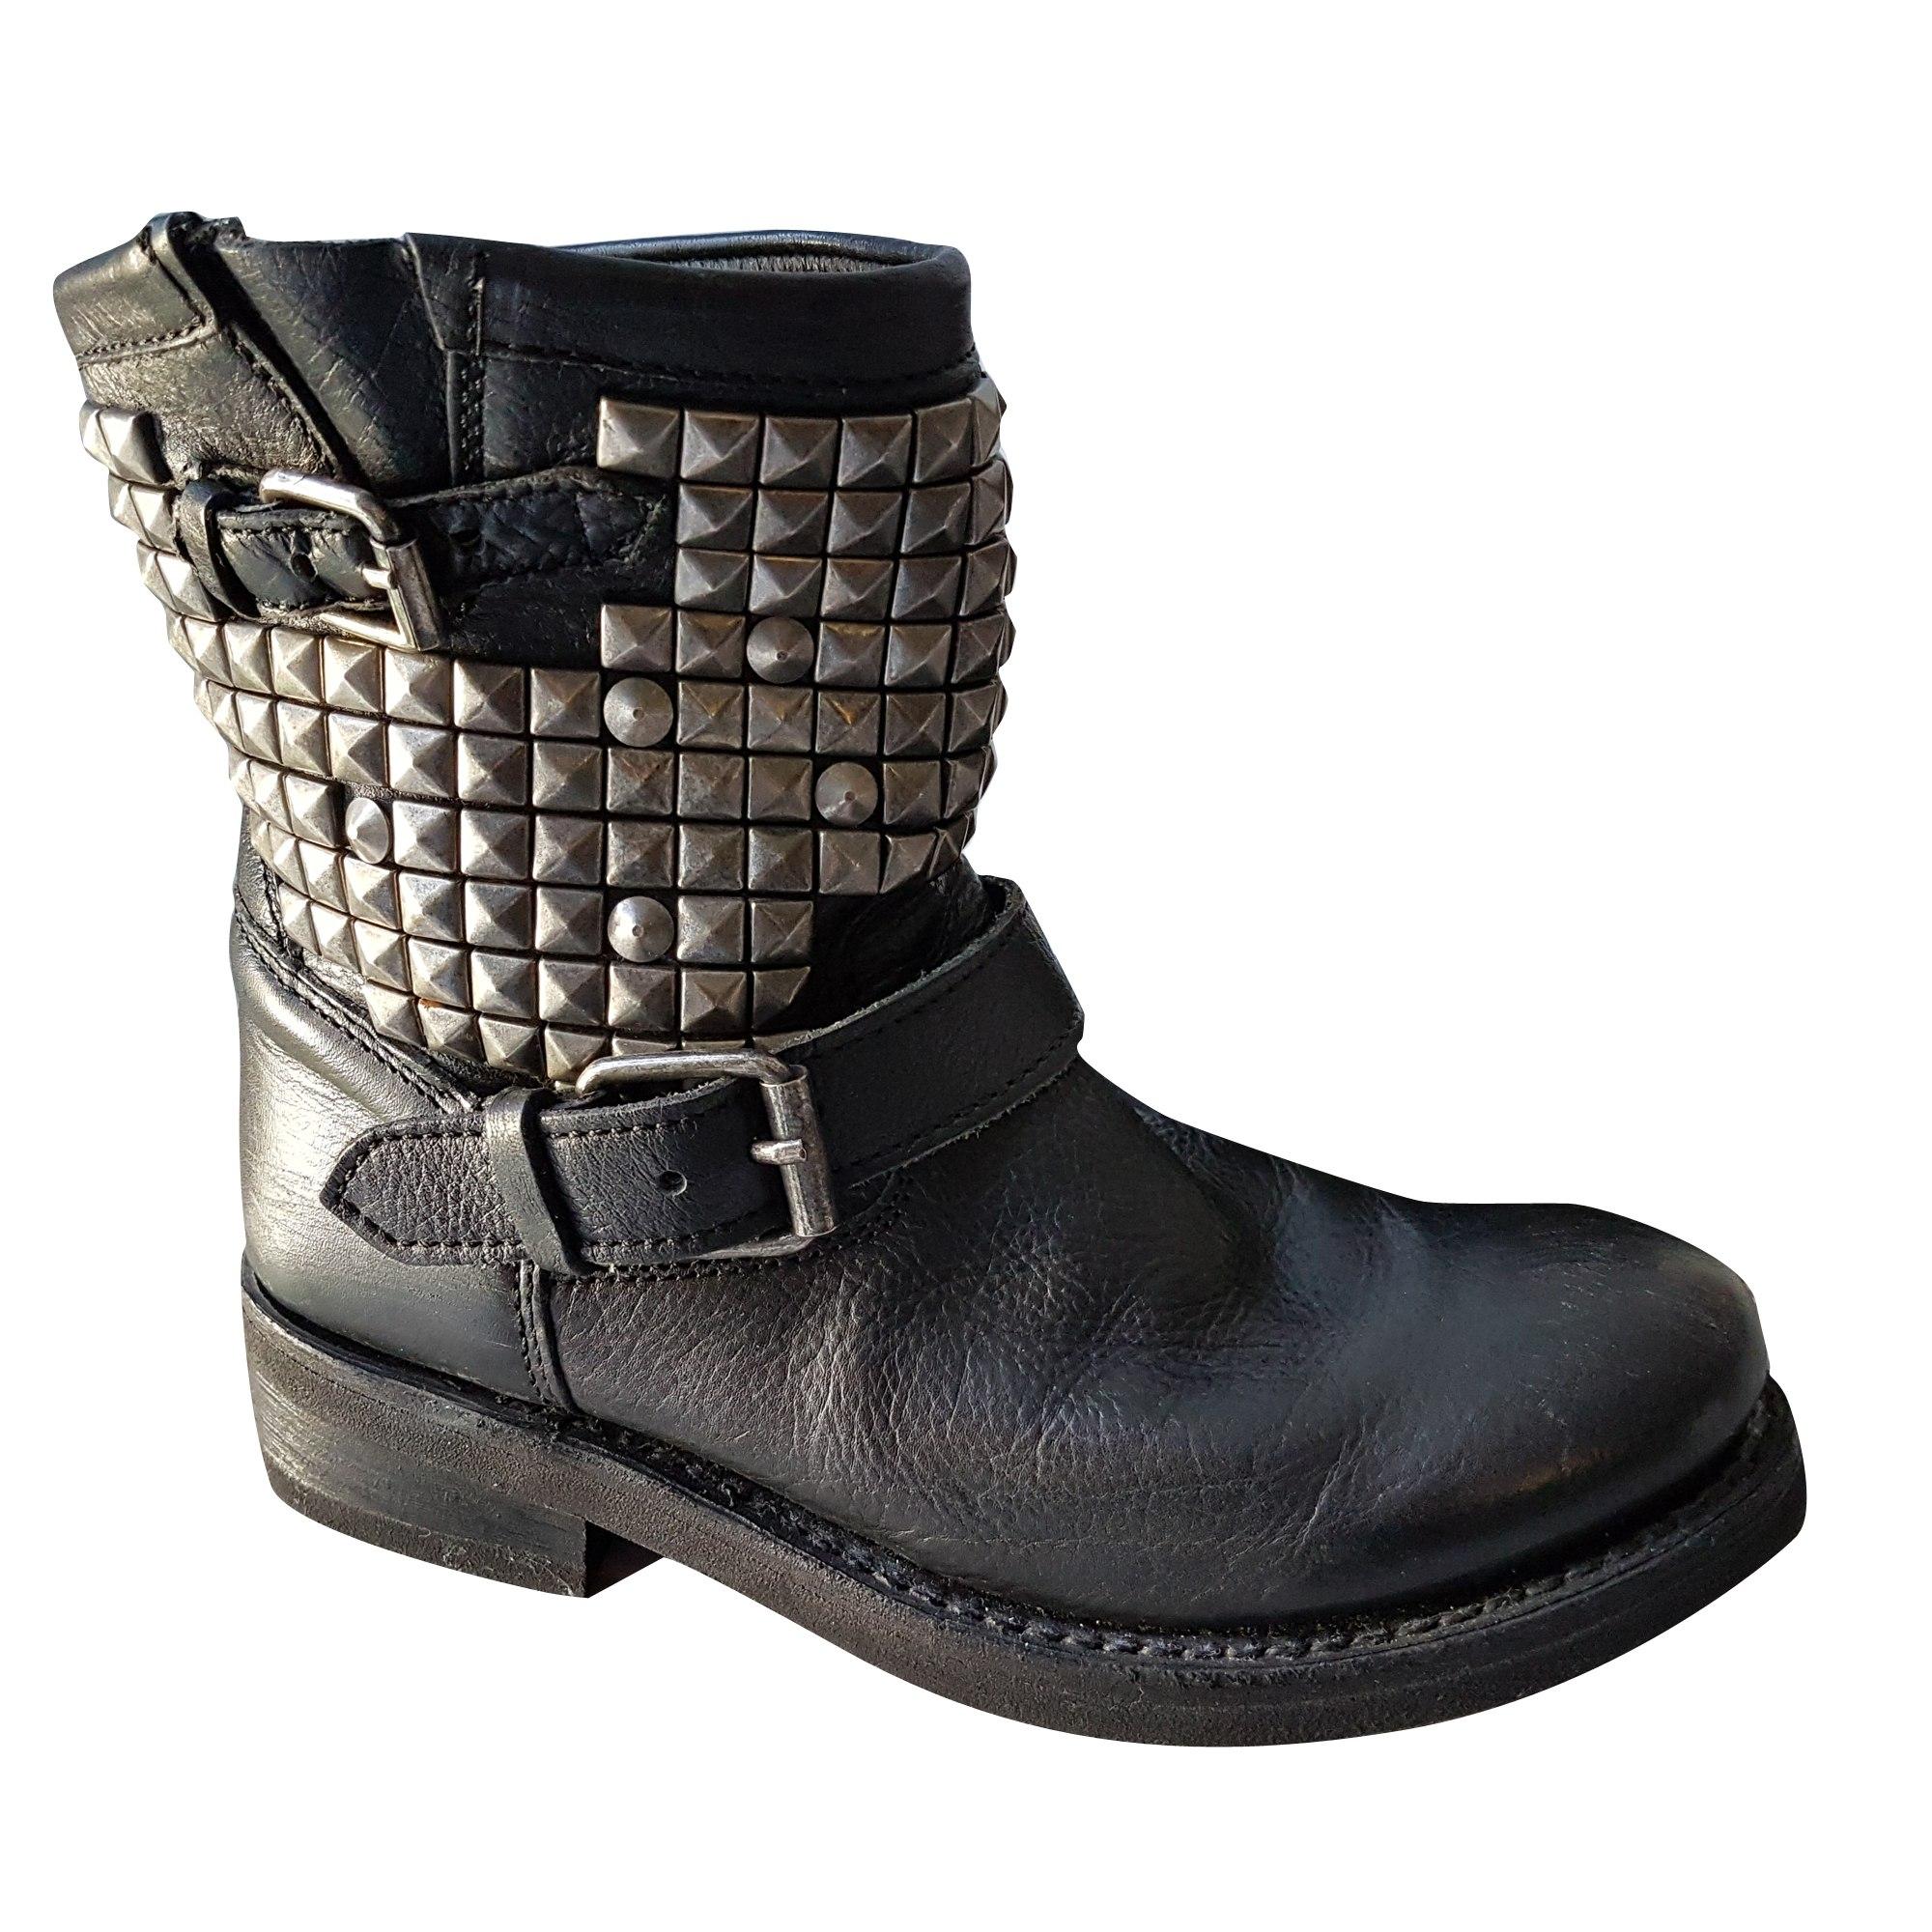 chaussures de séparation 6fc63 a97fb Bottes motards